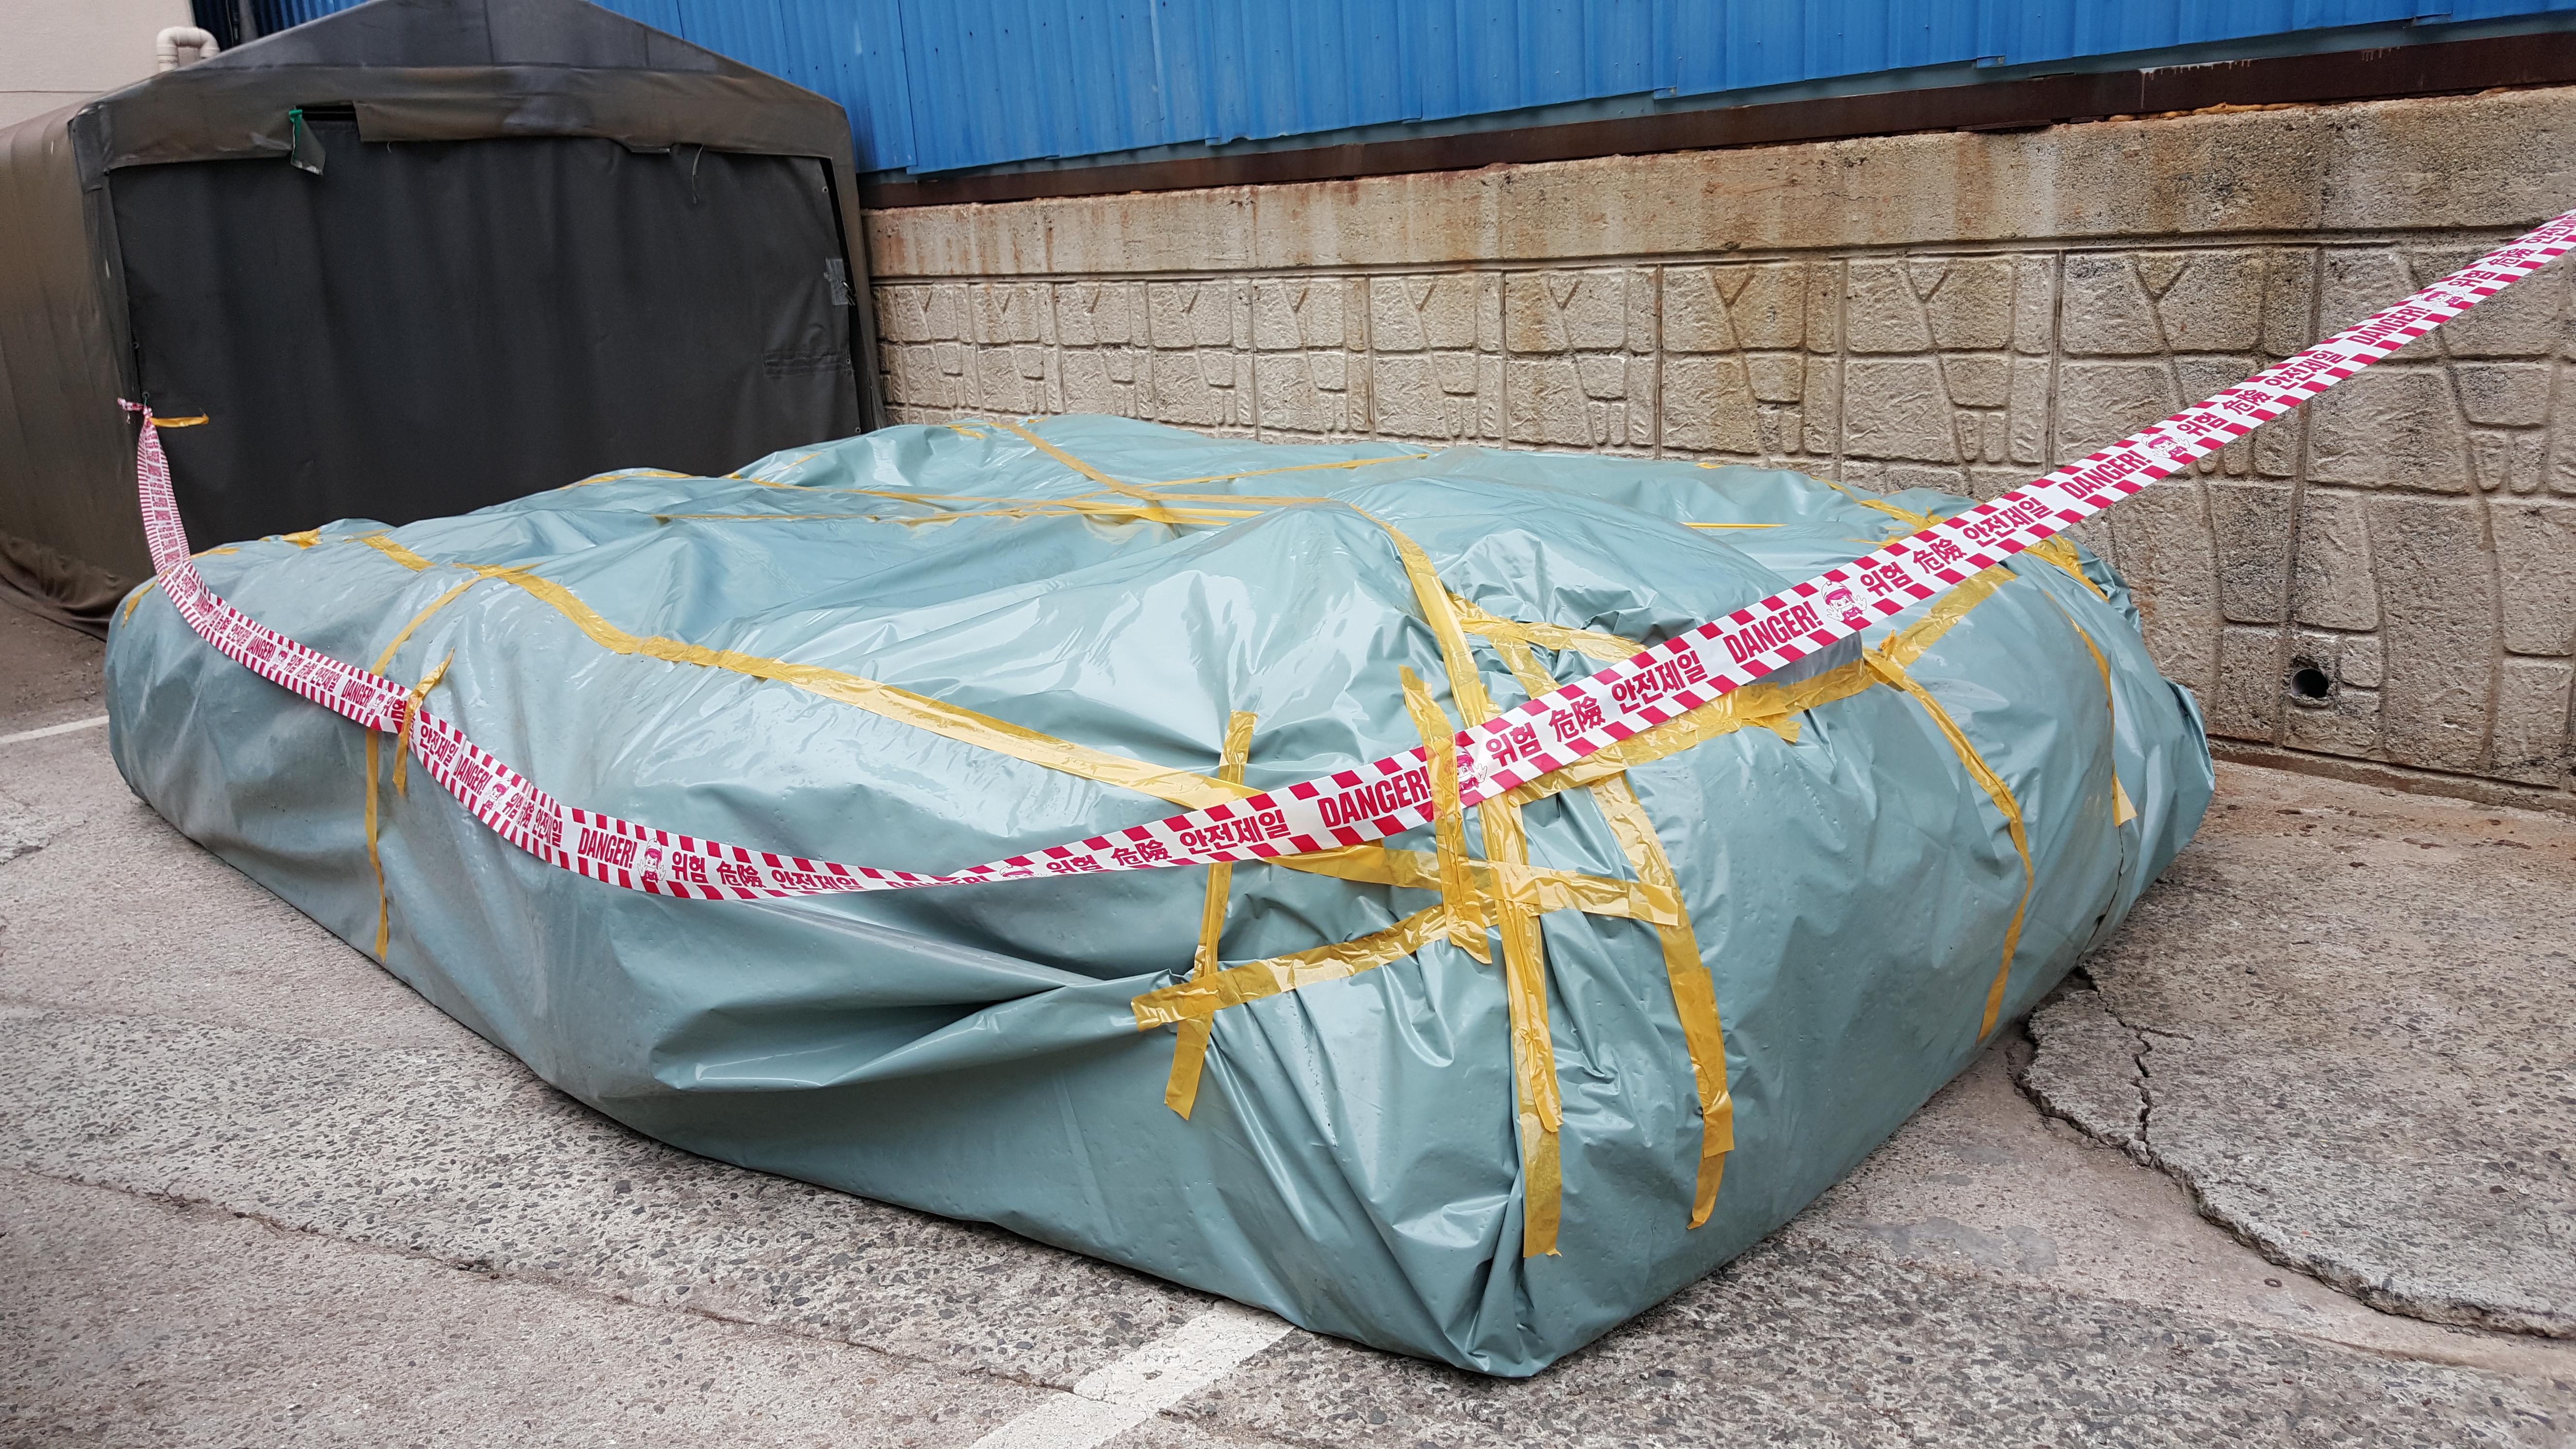 20 번째 사진  에  연면적94.68 ㎡ 부산시 영도구 해양로 공장사무실 2차 천장텍스 석면해체 제거